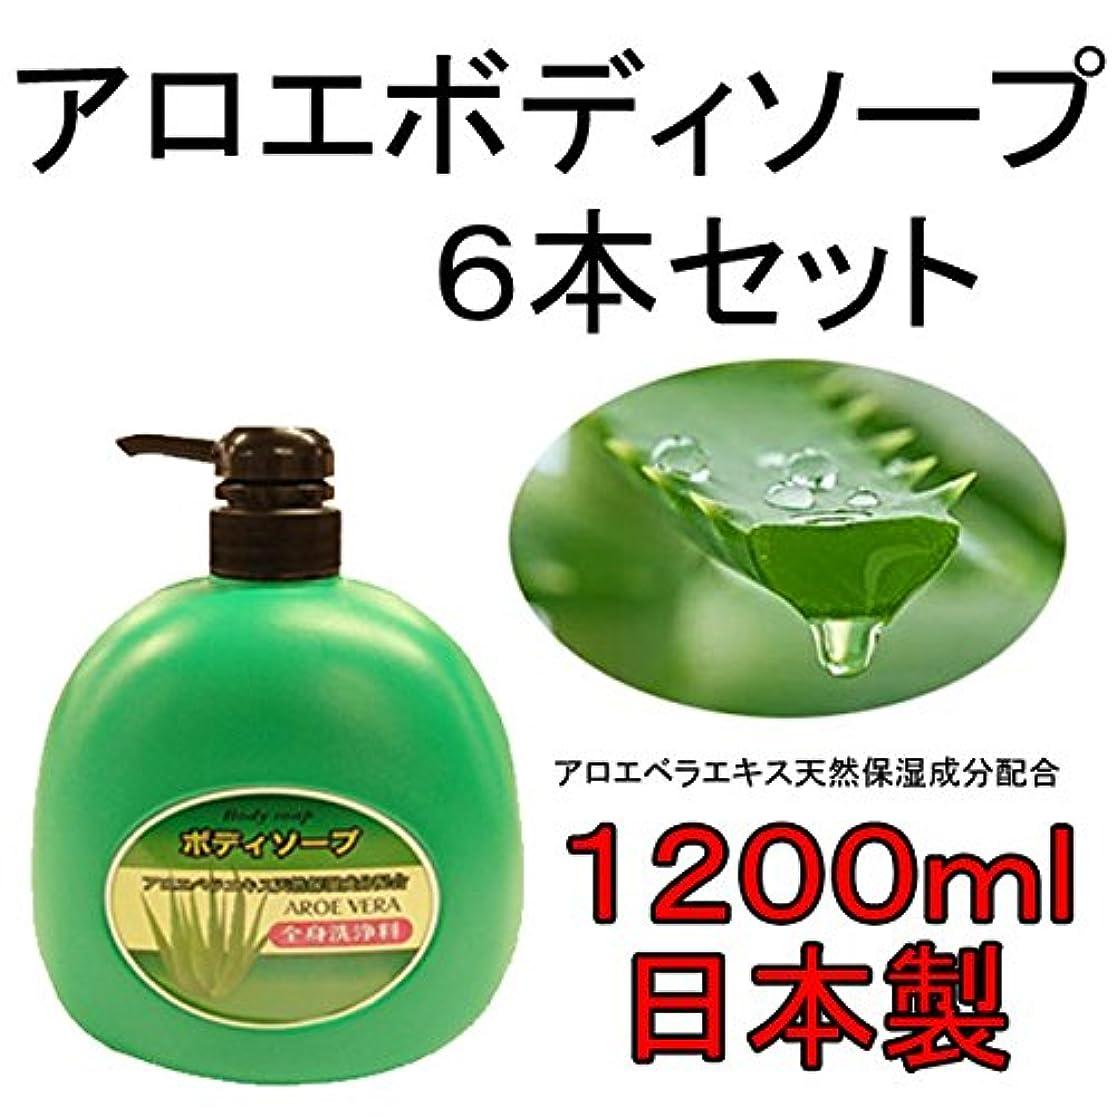 苦味器具かけがえのない高級アロエボディソープ6本セット アロエエキスたっぷりでお肌つるつる 国産?日本製で安心/約1年分1本1200mlの大容量でお得 液体ソープ ボディソープ ボディシャンプー 風呂用 石鹸 せっけん 全身用ソープ body soap aroe あろえ